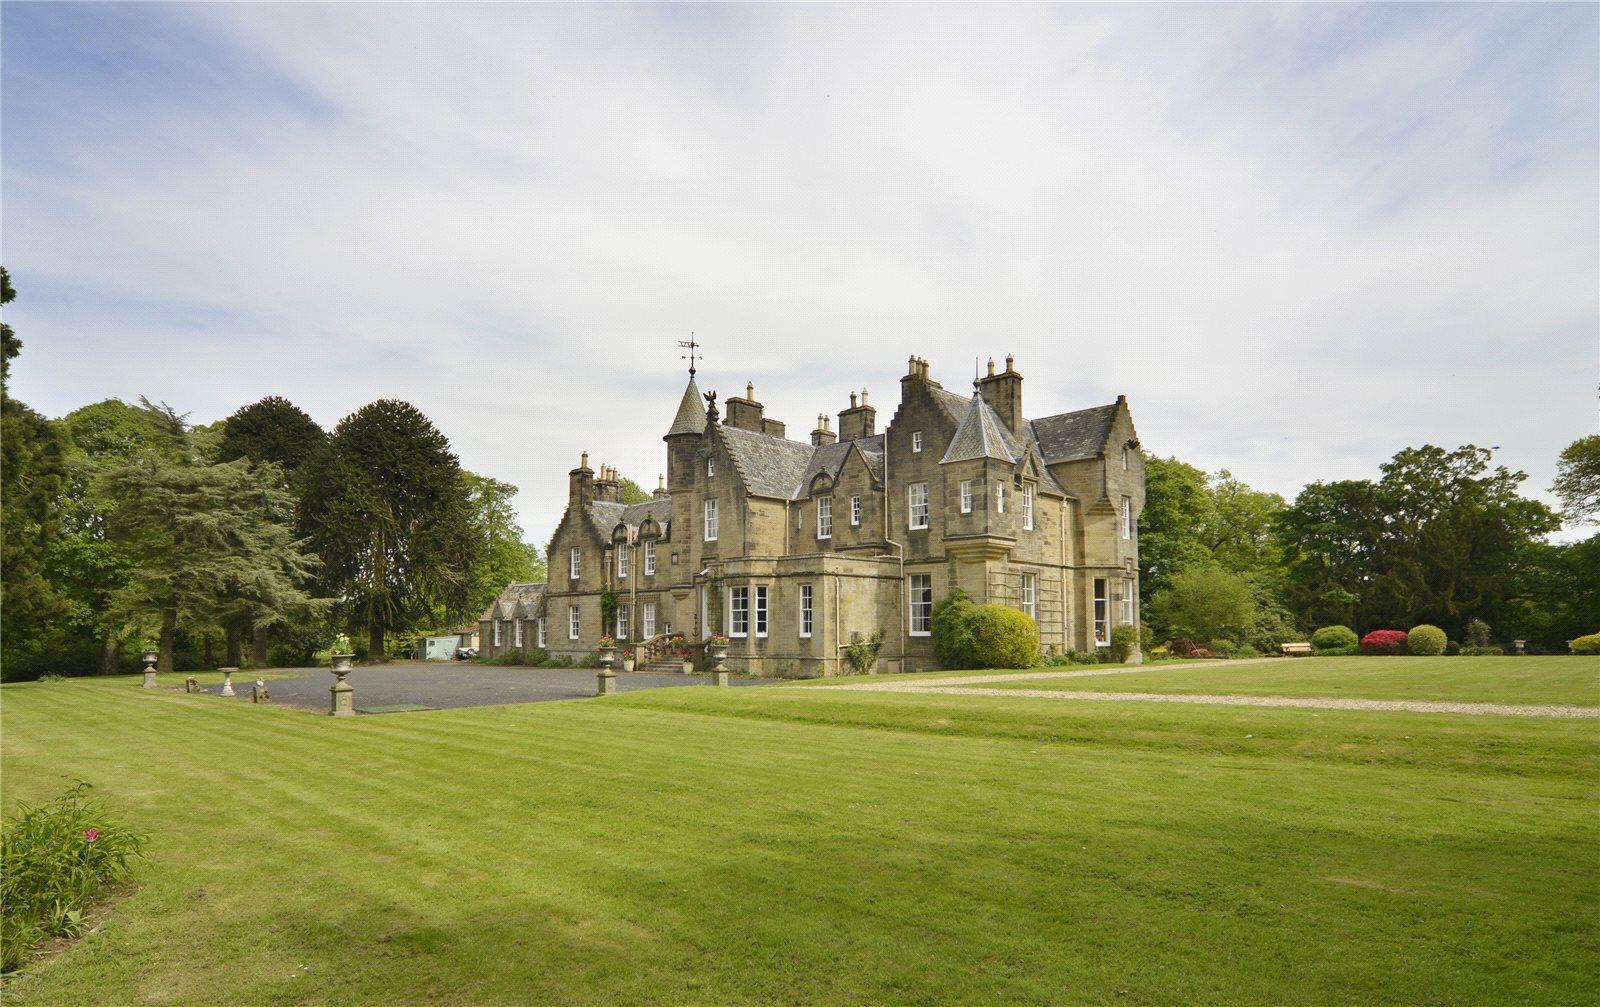 Single Family Home For Sale At Kirknewton, Midlothian, EH27 Midlothian,  Scotland